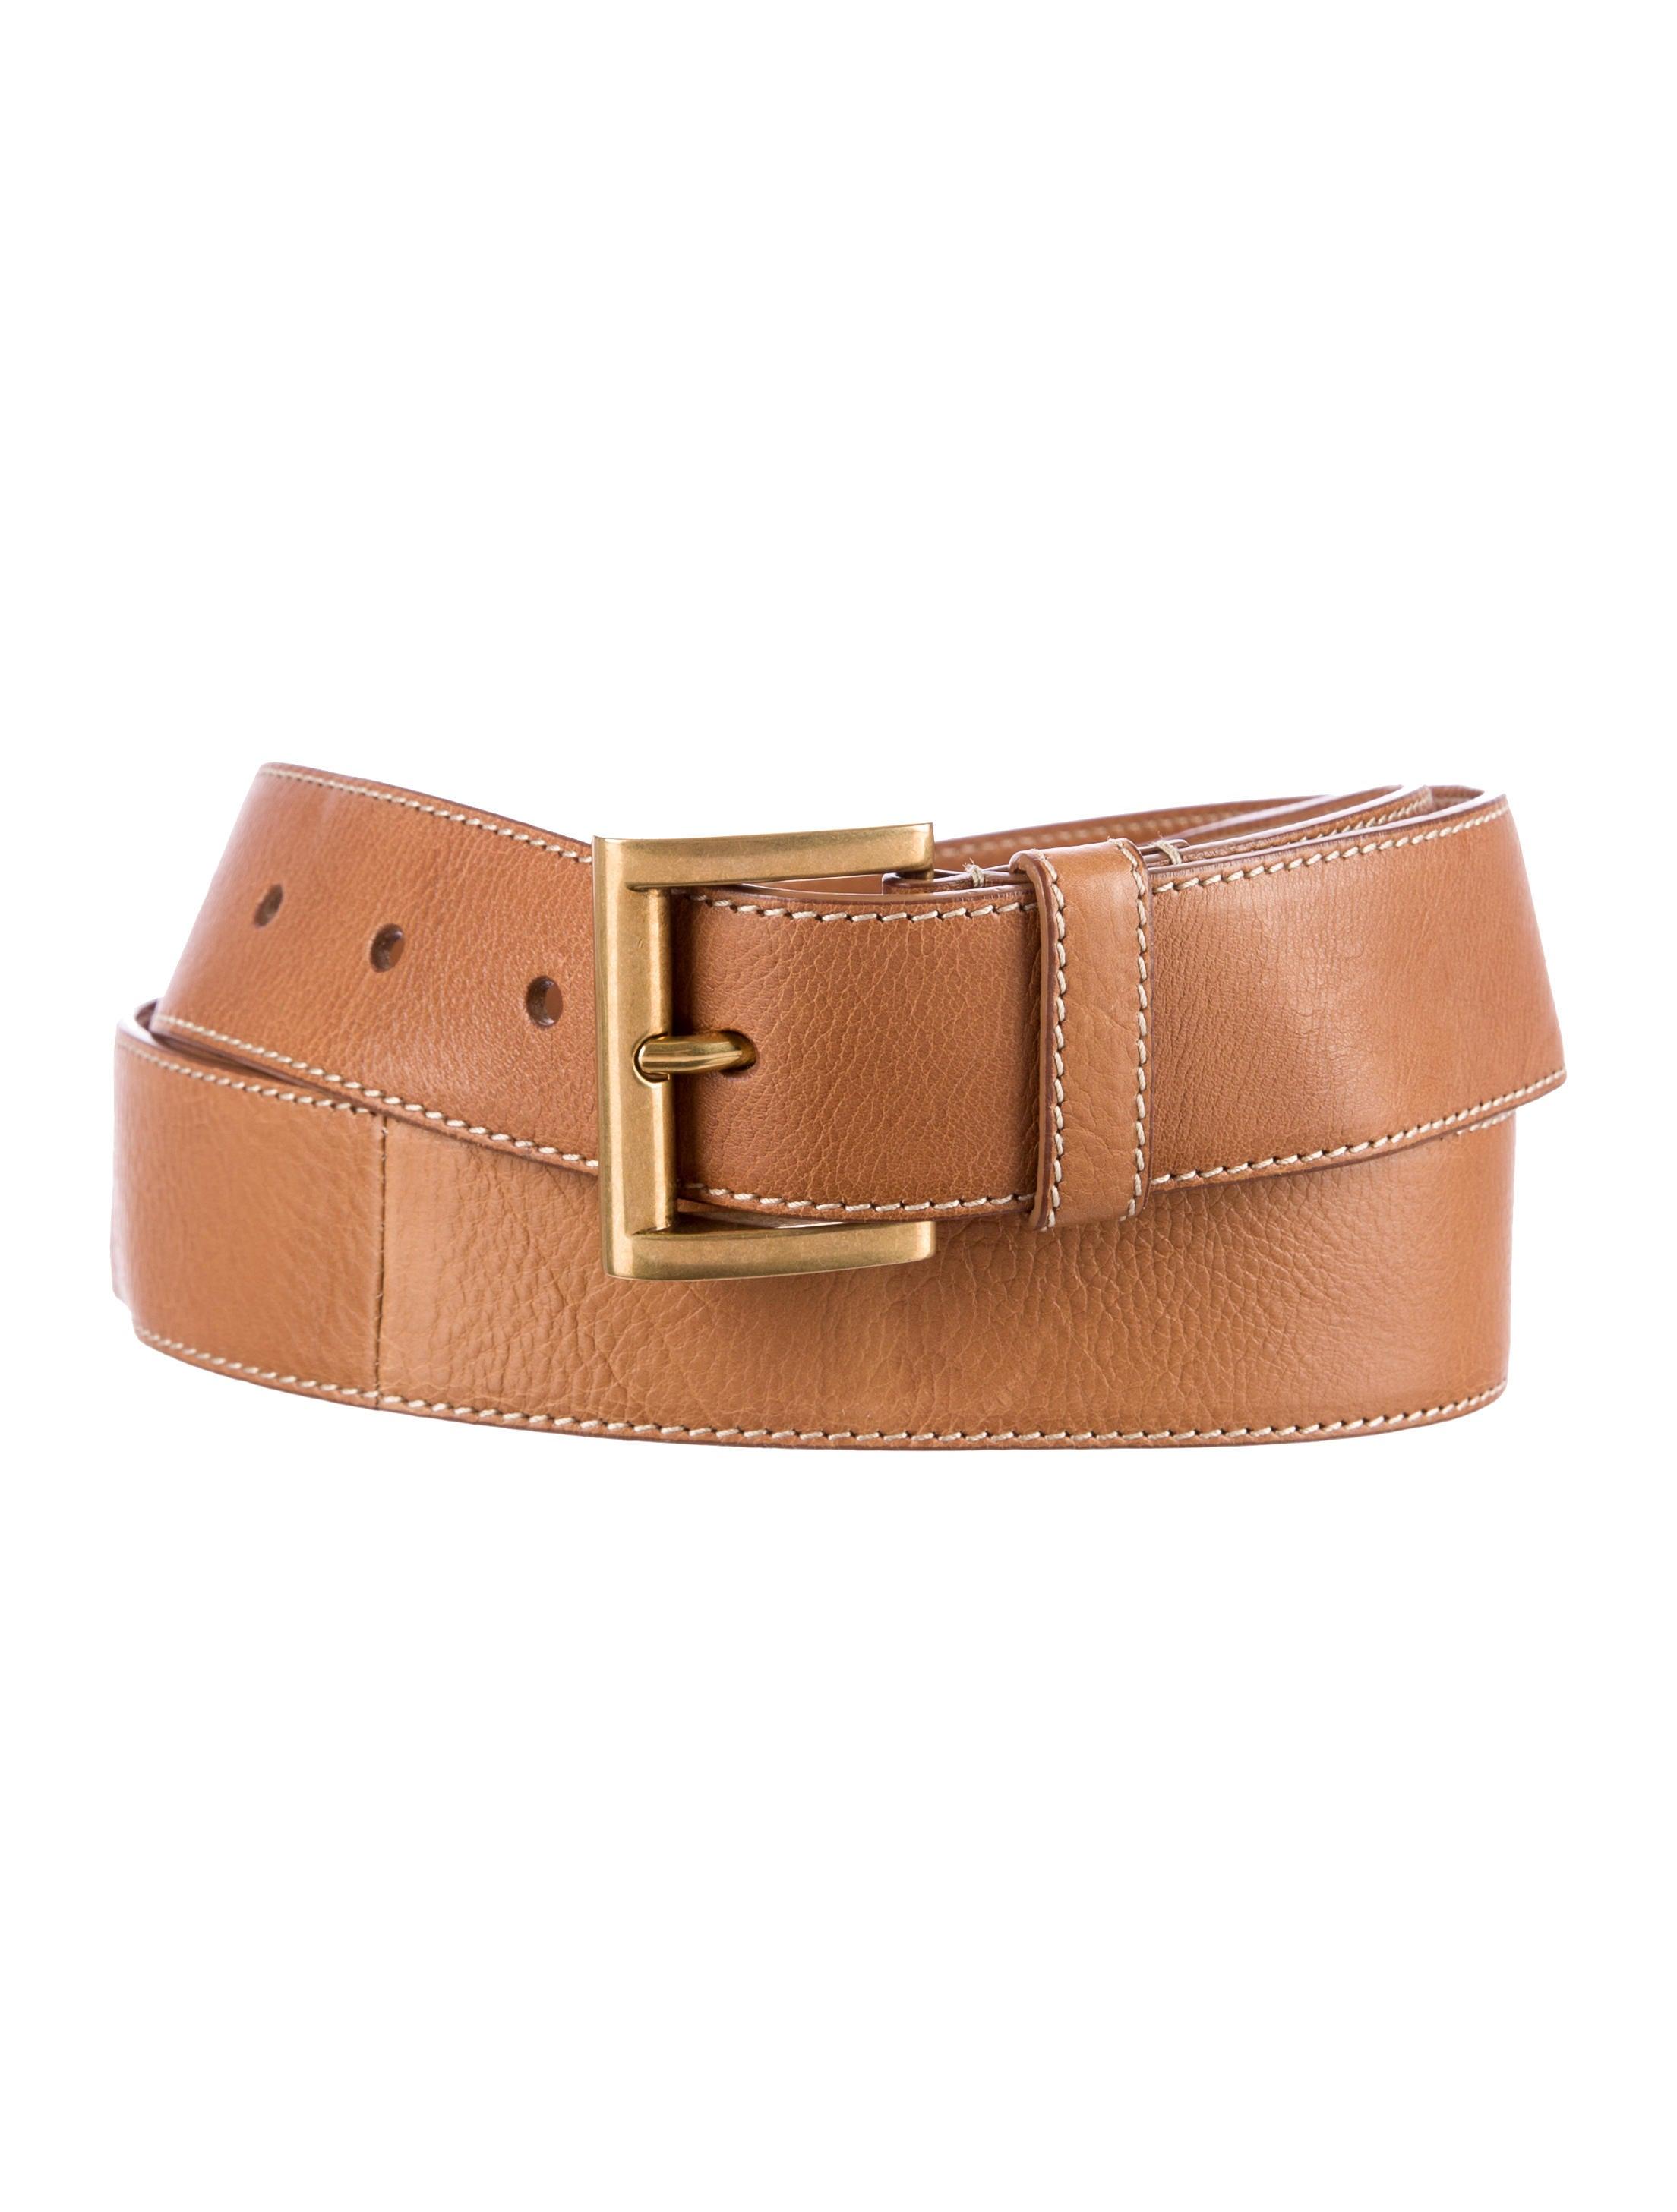 Prada Belt - Accessories - PRA56770